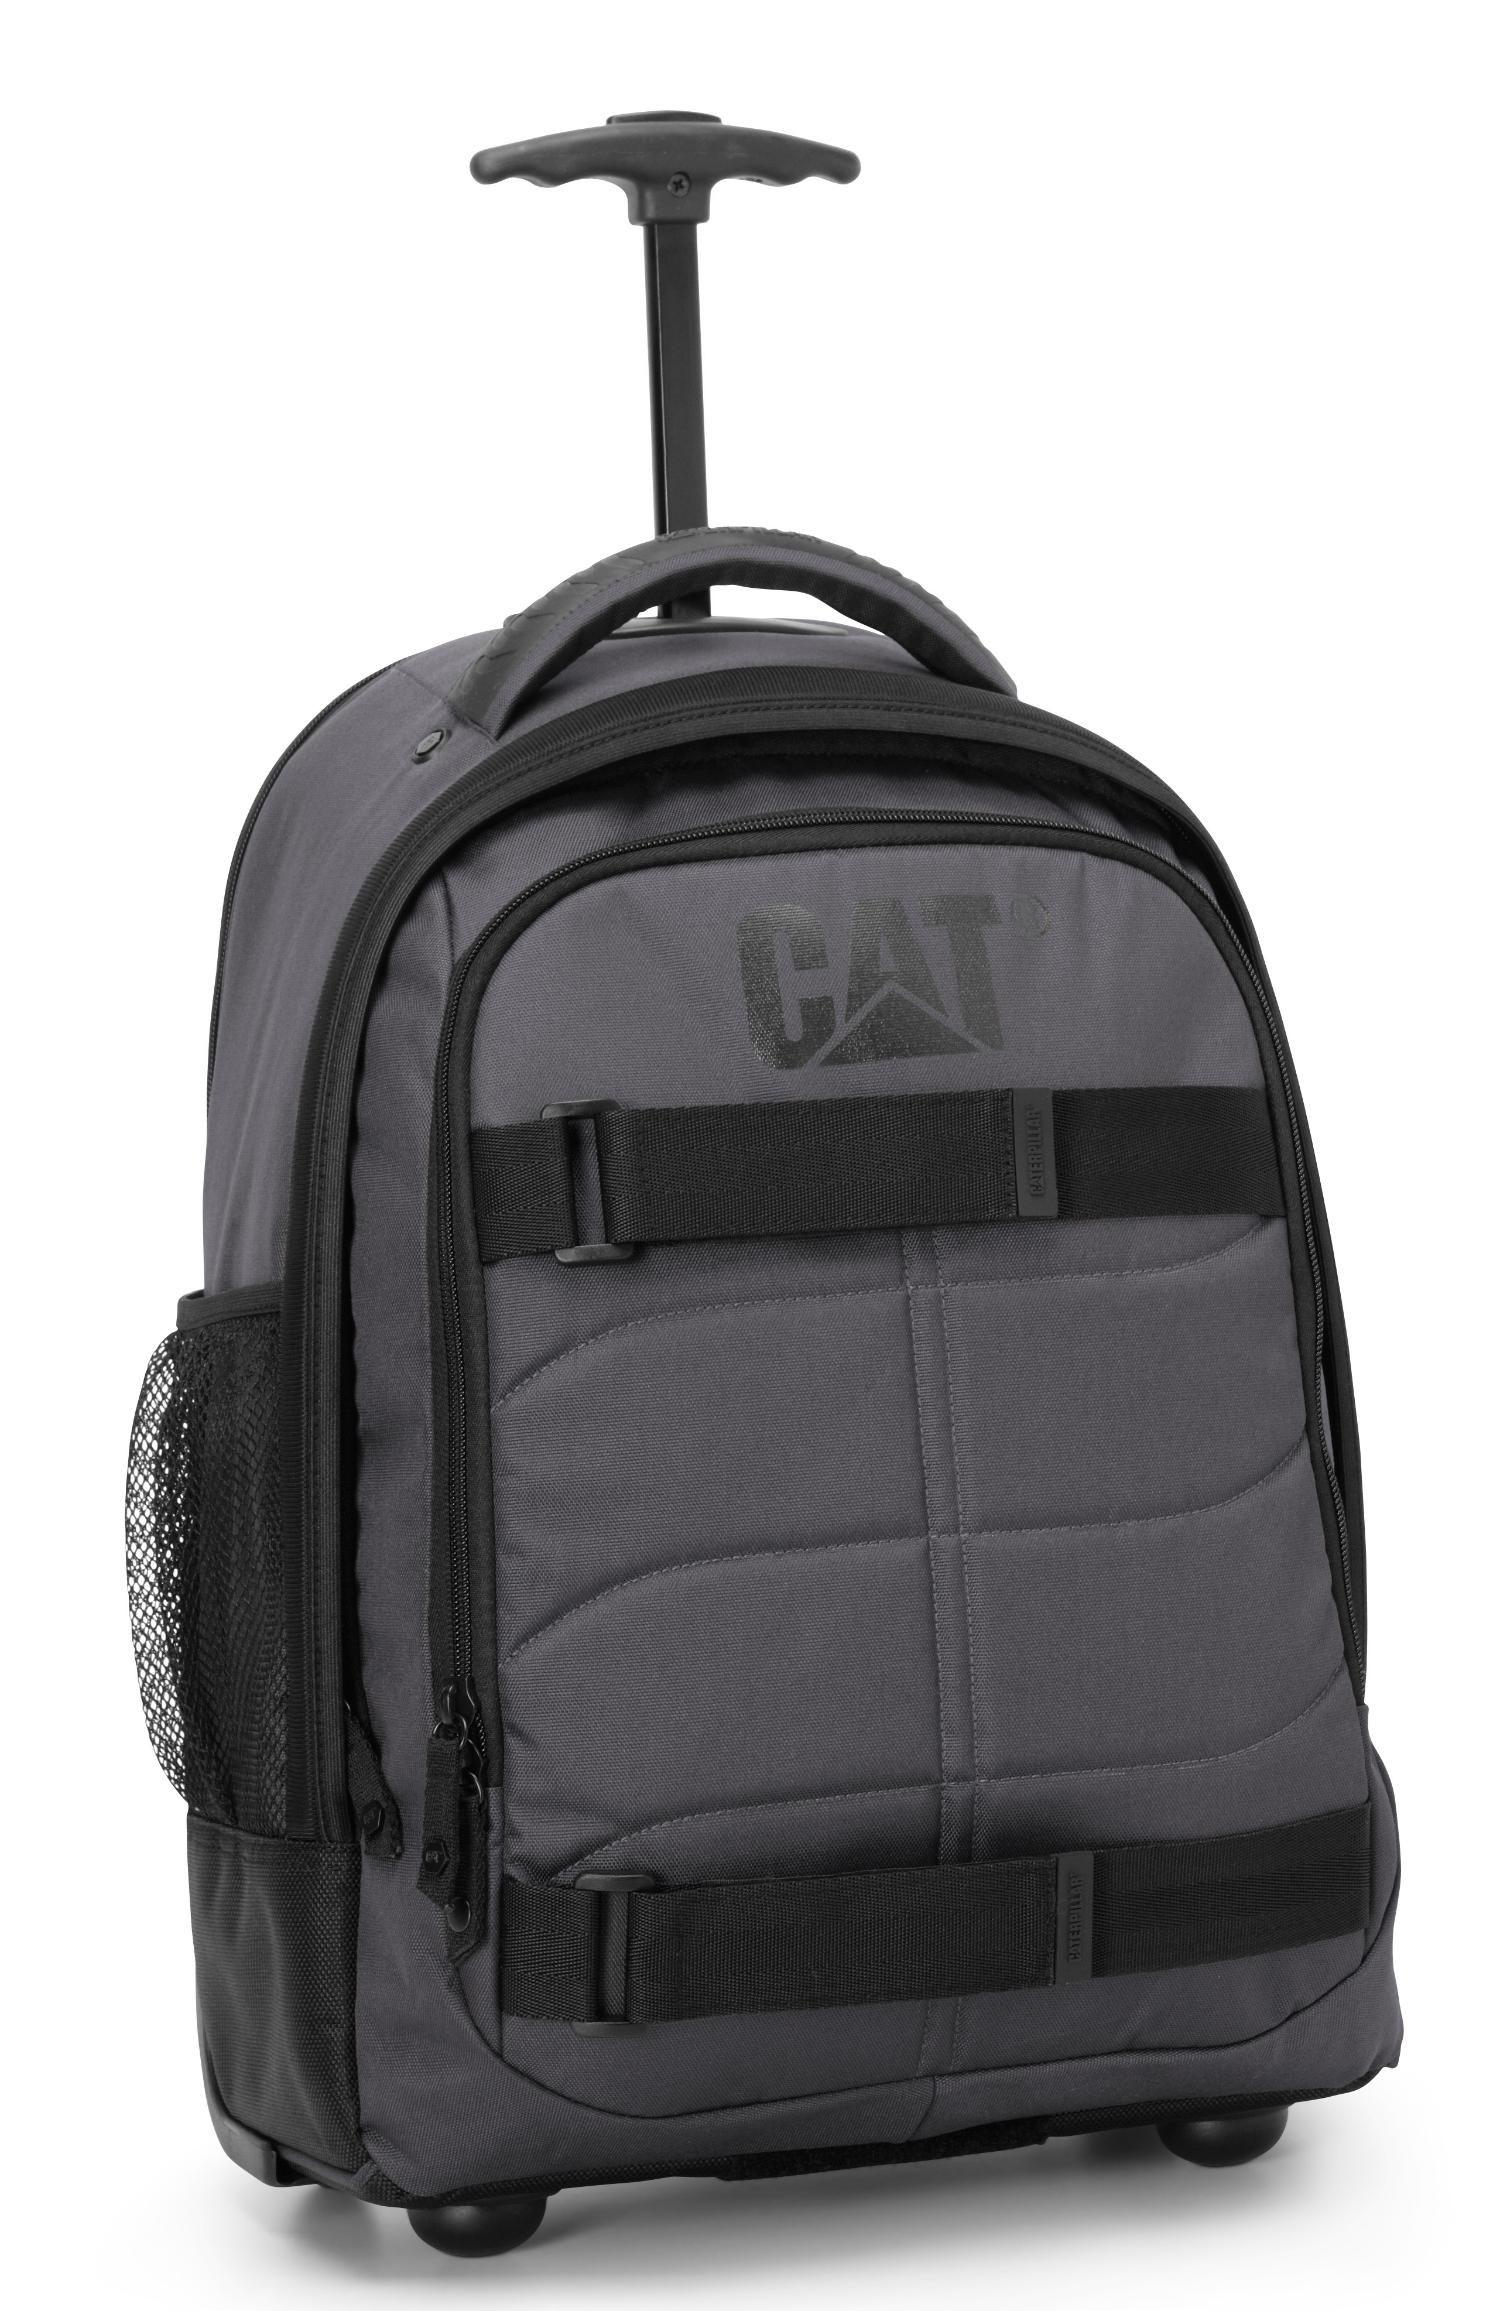 Ижевск на колесах рюкзак рюкзак порше дизайн купить в спб